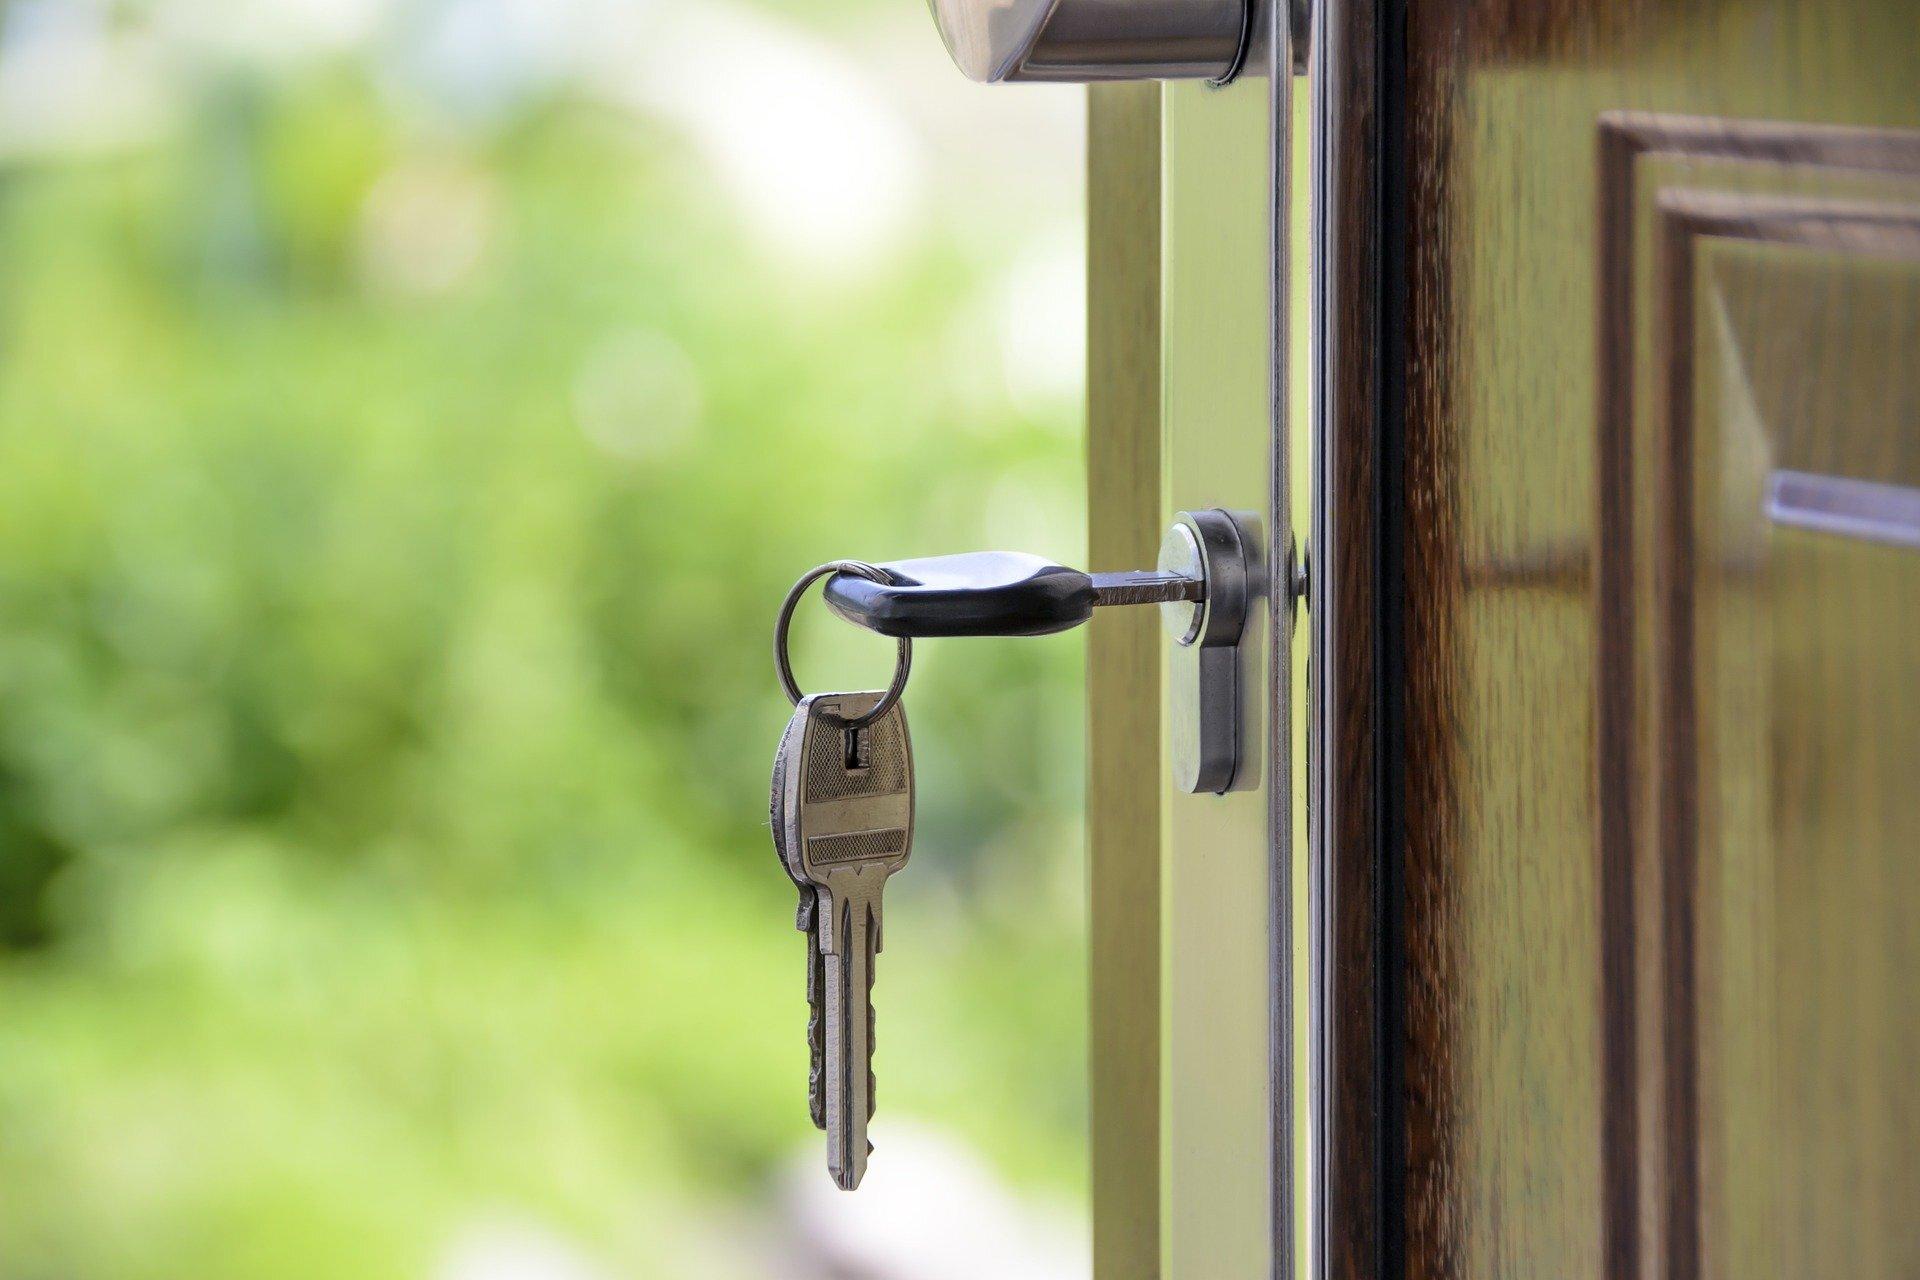 Keys in a keyhole